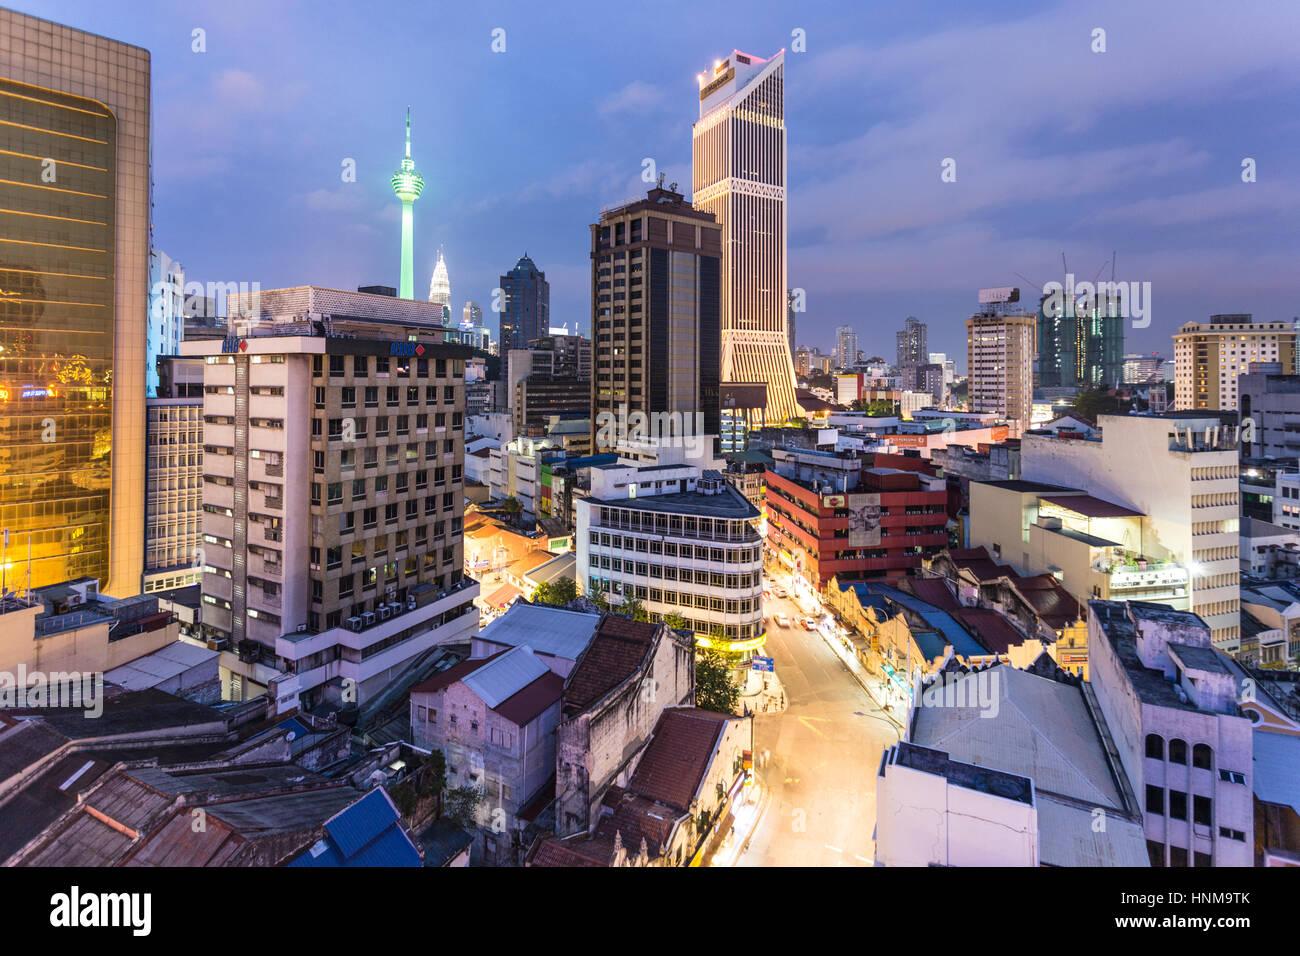 KUALA LUMPUR - Una veduta aerea della notte sul quartiere degli affari di Kuala Lumpur in Malesia la città Immagini Stock